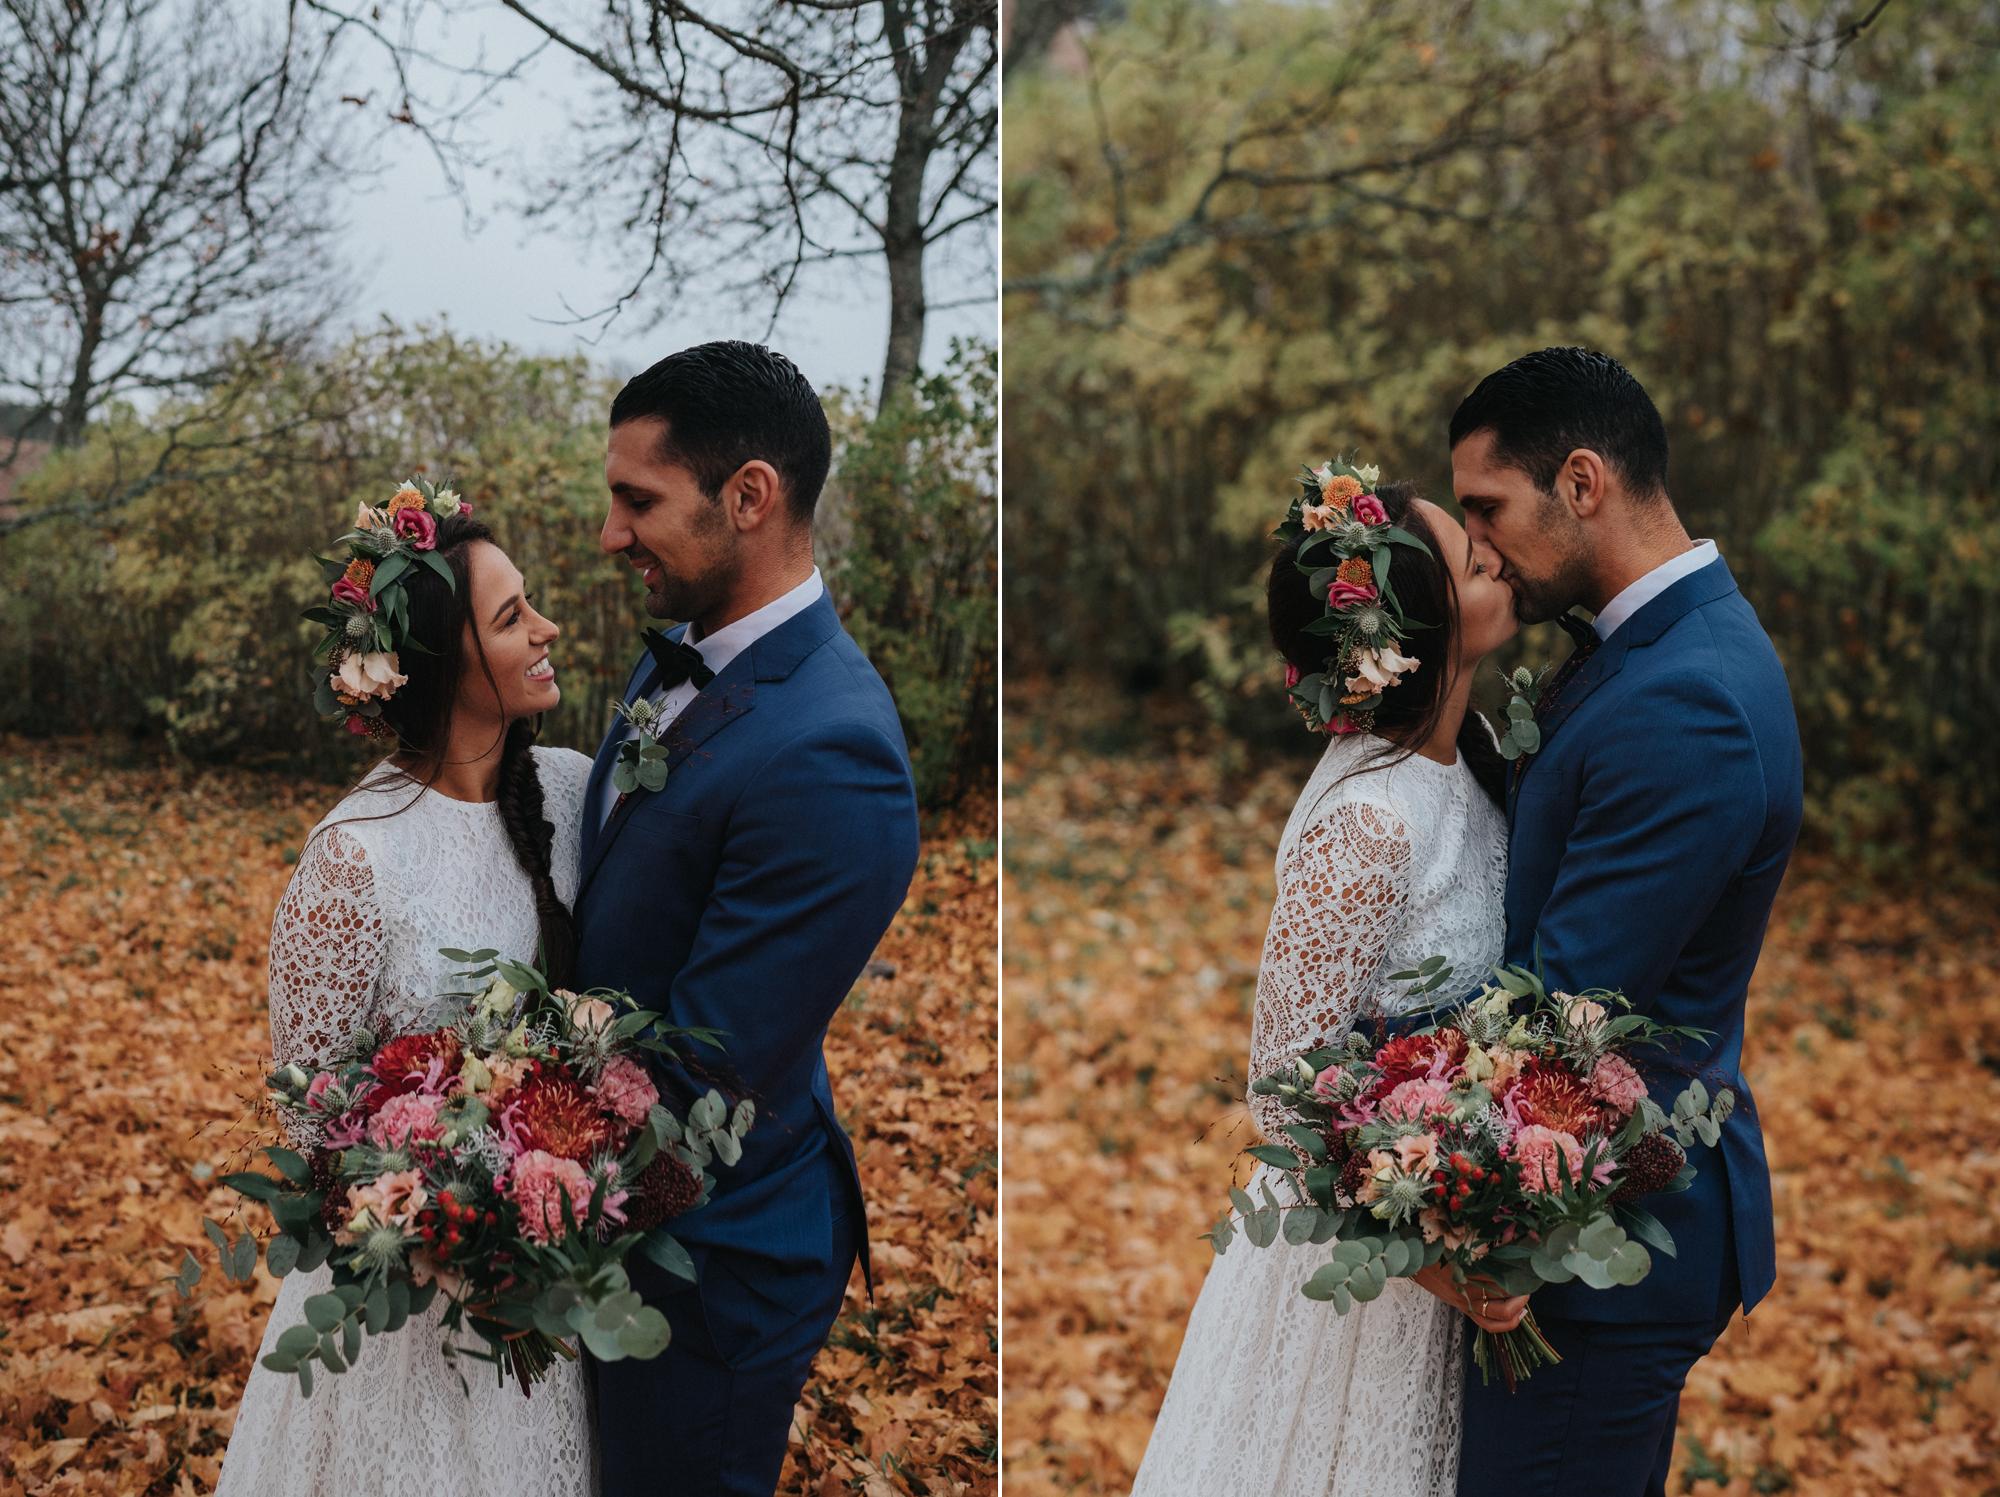 027-bröllopsfotograf-lydinge-neas-fotografi.jpg